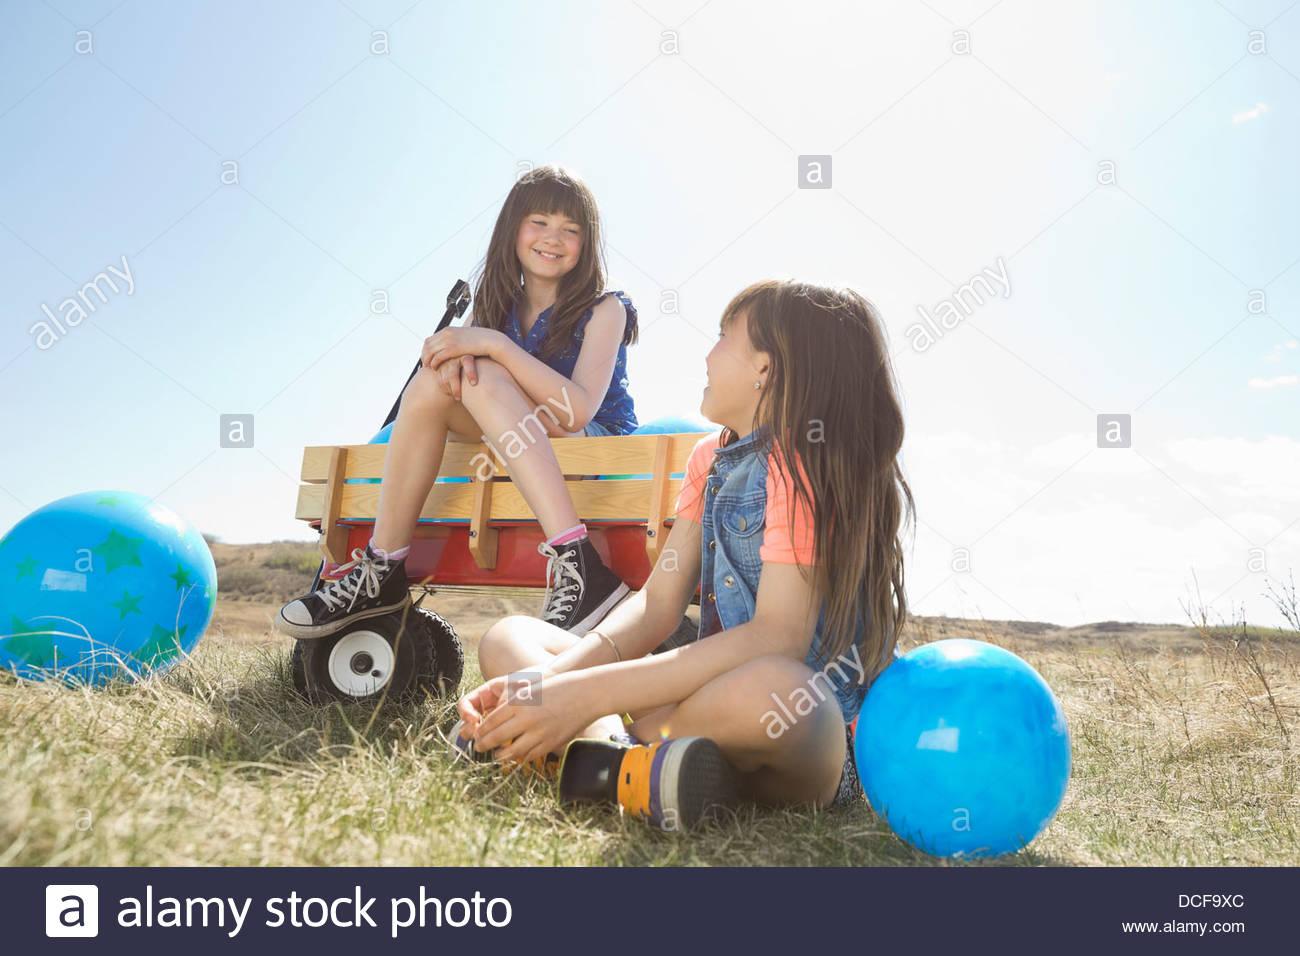 Smiling girls avec des ballons à l'un l'autre Photo Stock